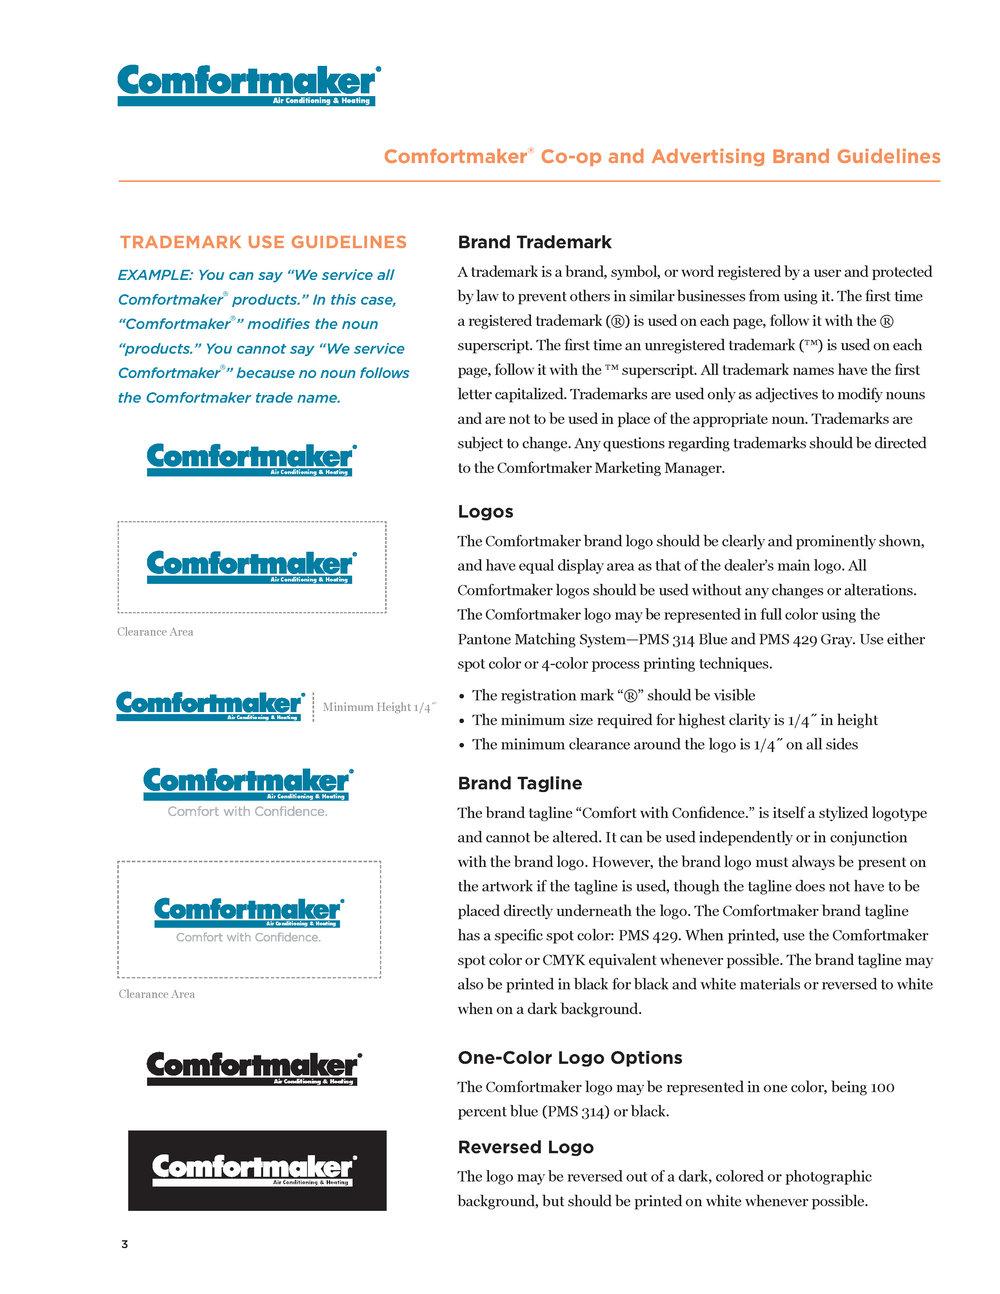 Comfortmaker_Page_3.jpg